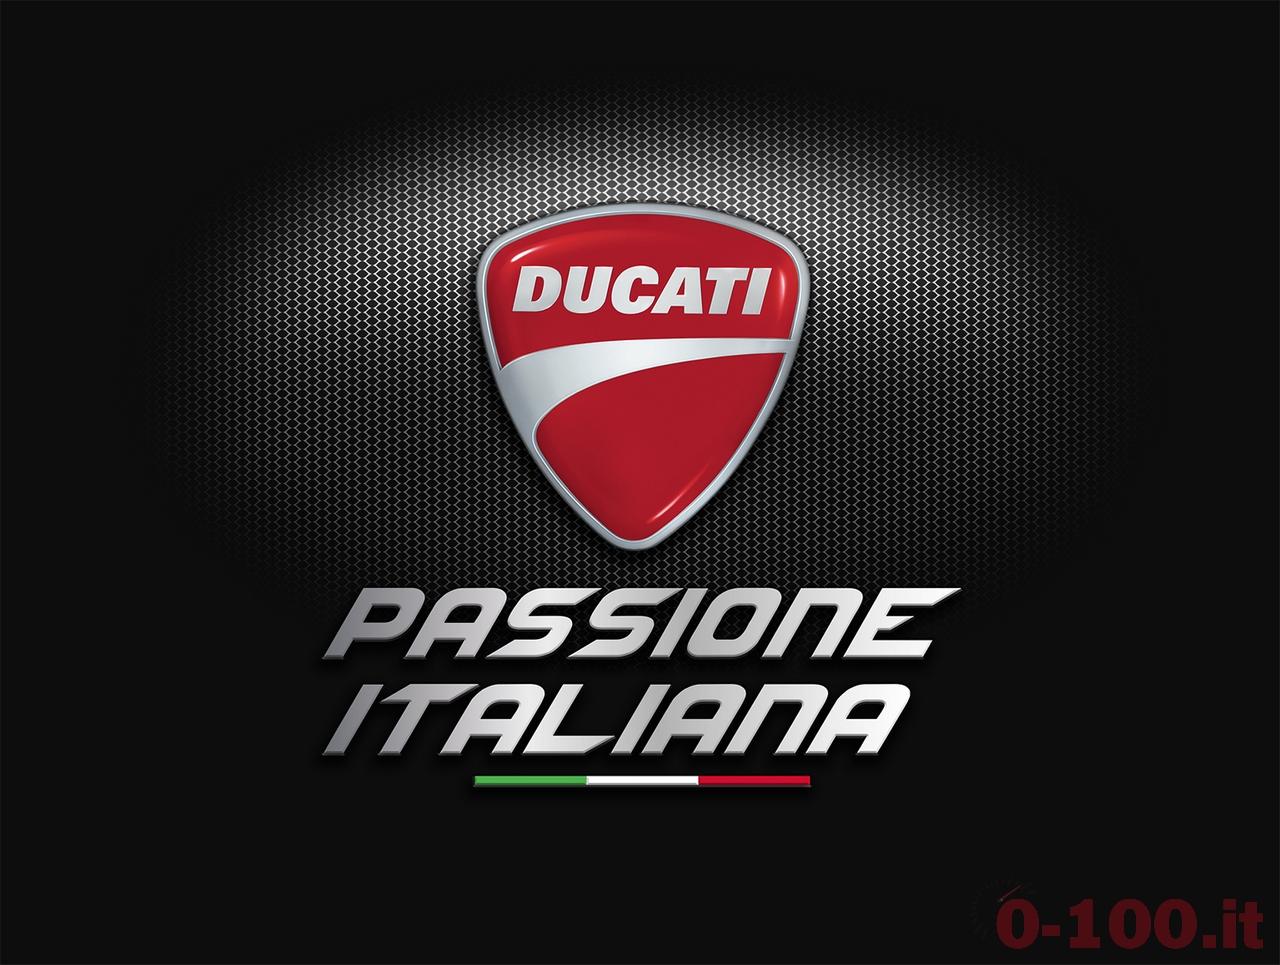 la-gazzetta-dello-sport-ducati-passione-italiana_0-1001